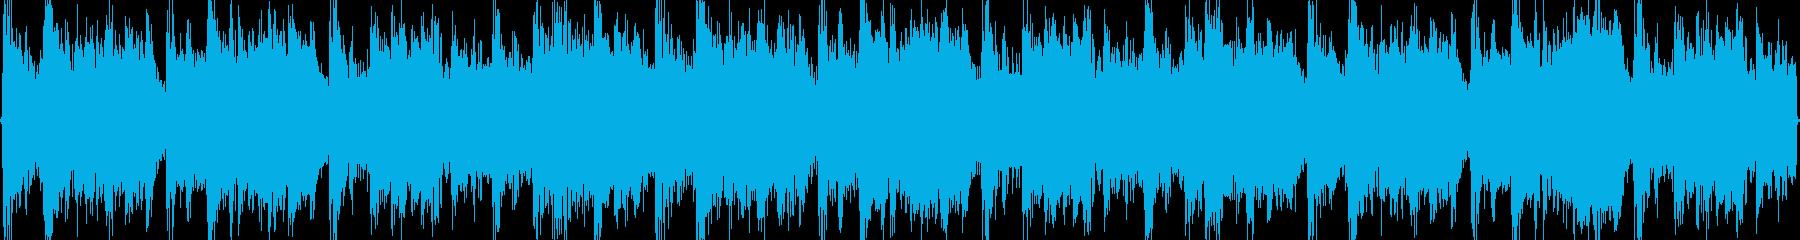 トランス風味のドラム&ベース曲ですの再生済みの波形